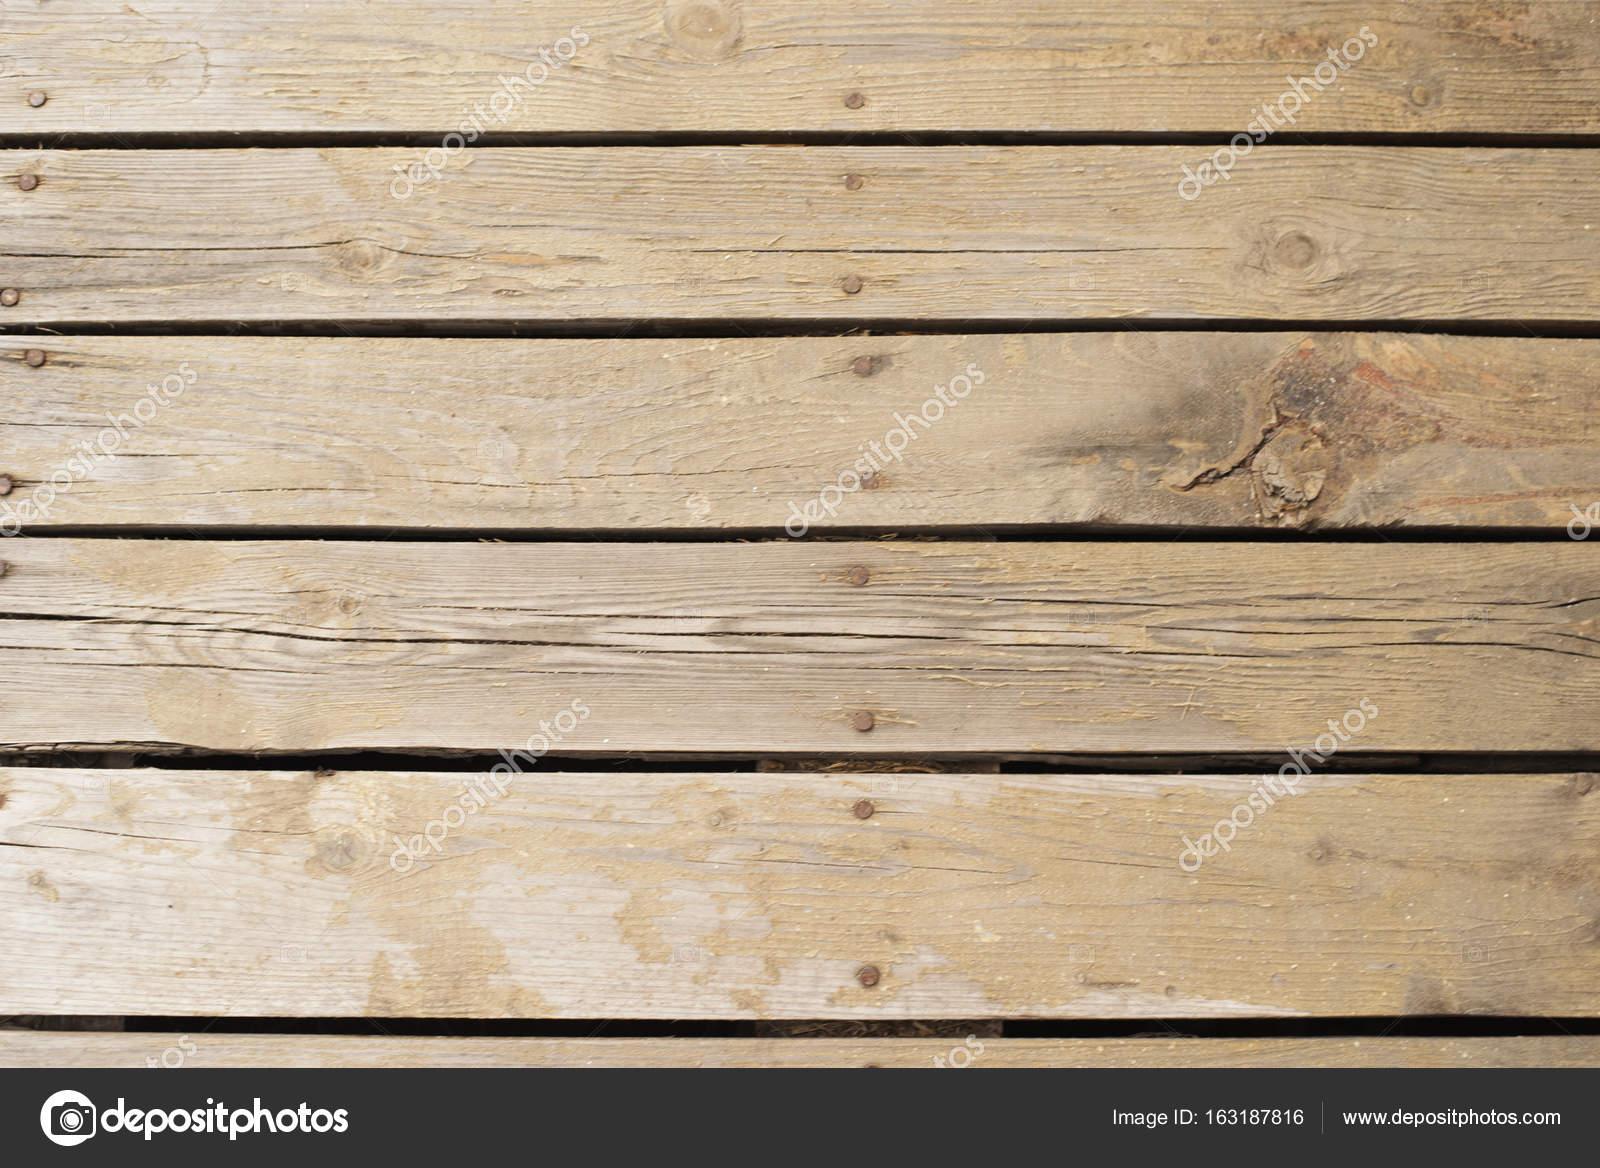 Echte houten vloer zet samen met nagels de manier waarop die we